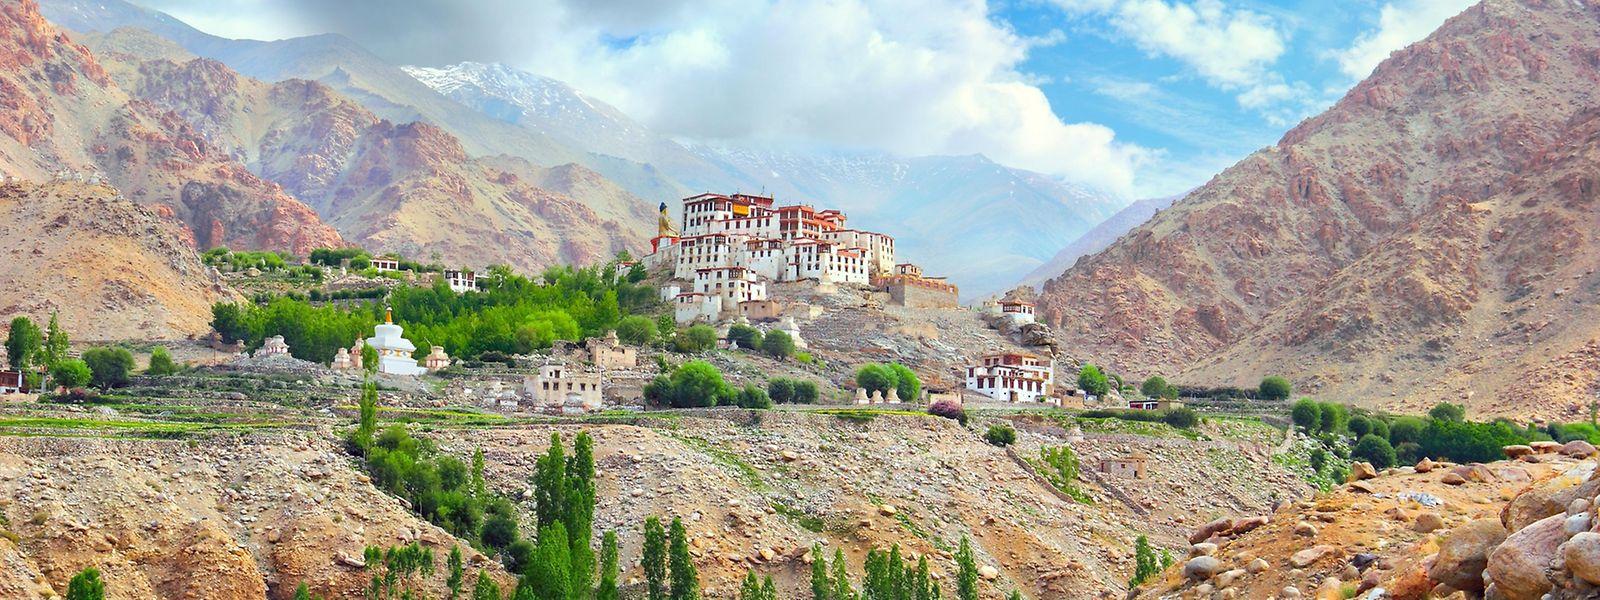 Viele Inder zieht es im Hochsommer in den Norden des Landes, in Richtung Himalaya. Hier zu sehen: das malerisch gelegene Likir-Kloster in der Nähe von Leh.